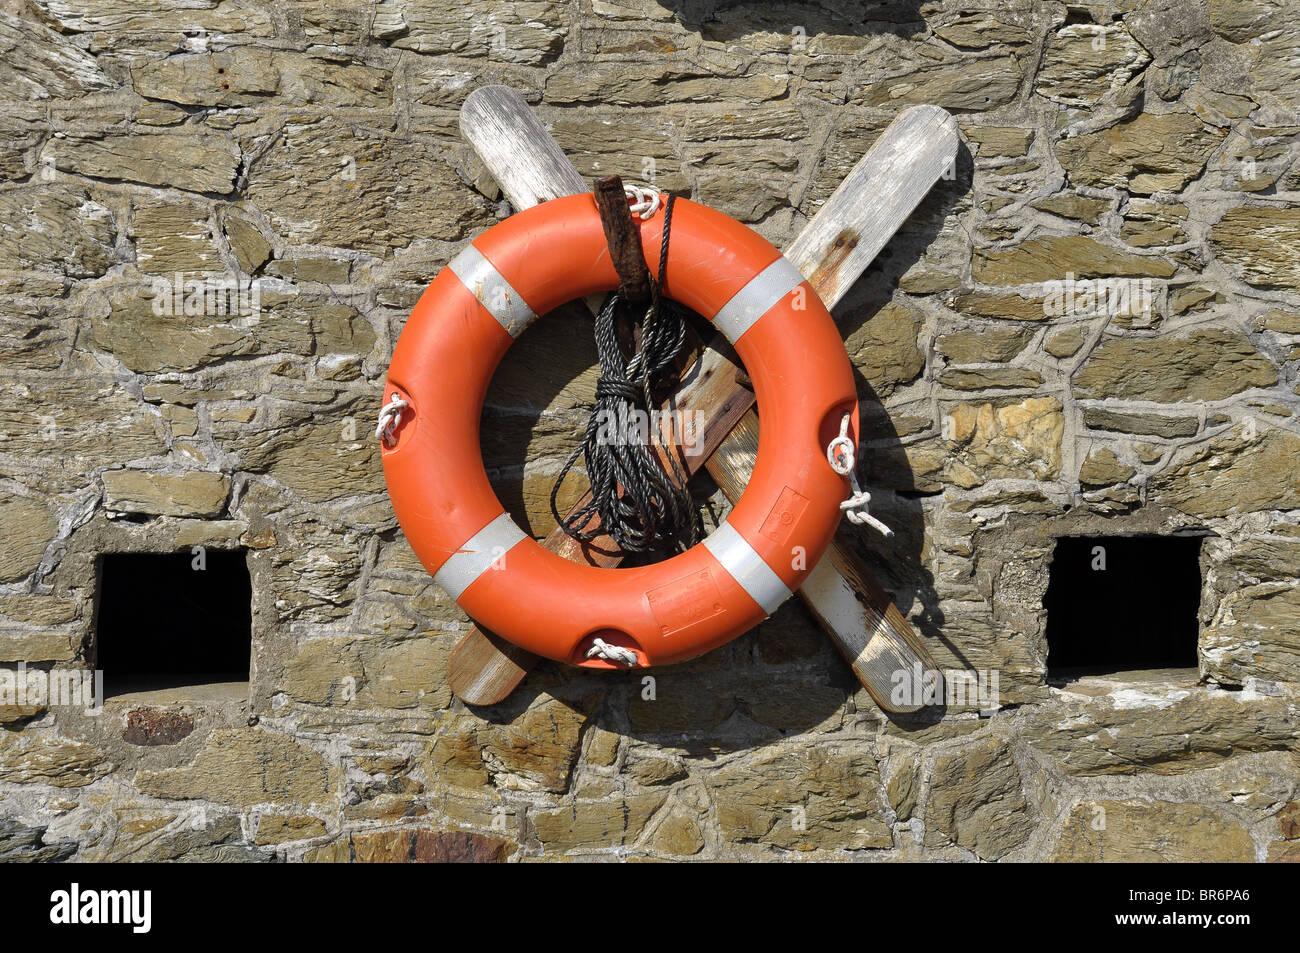 Lifebuoy life belt life saver - Stock Image